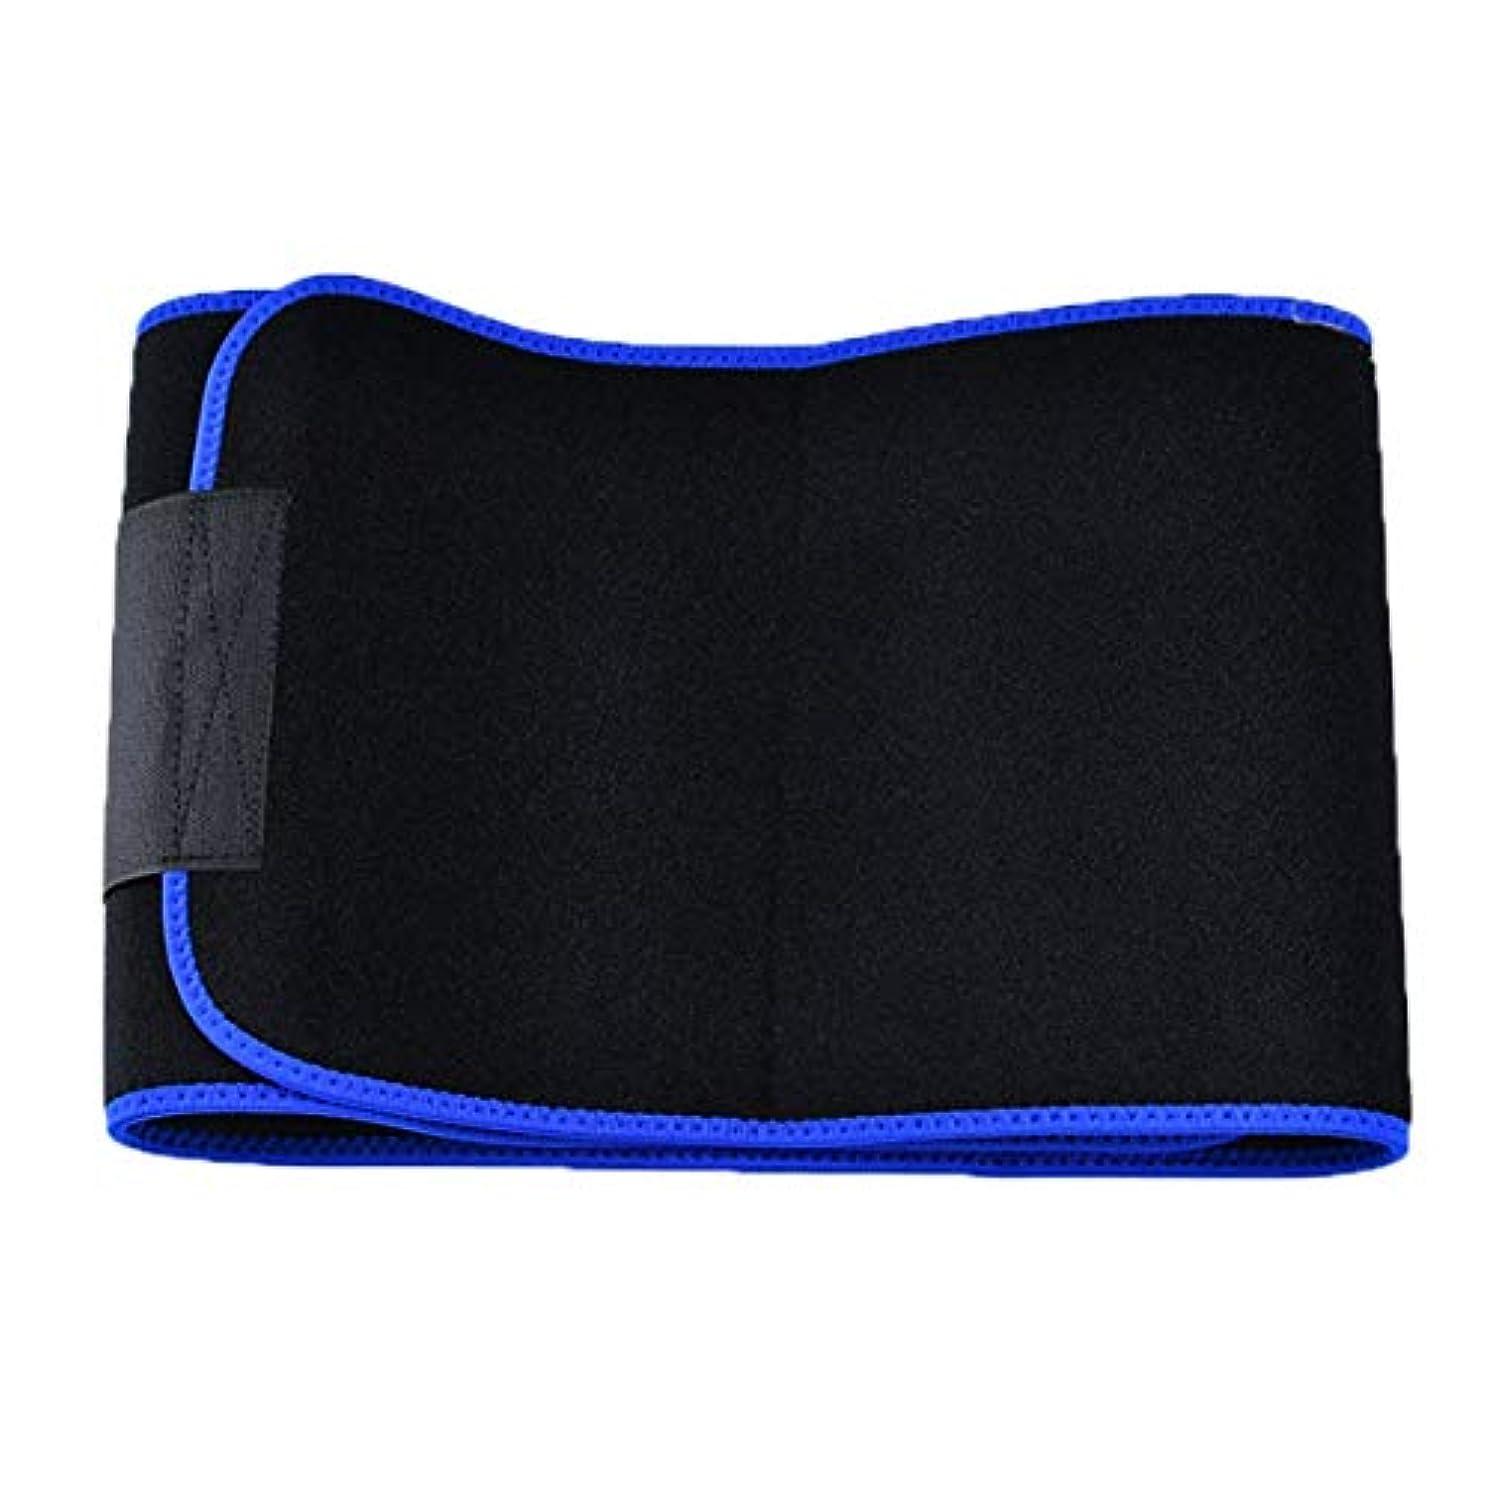 眠り大破かかわらず腹部プラスチックベルトウエストサポートボディシェイパートレーニングコルセット痩身ウエストベルトスリム汗スポーツ保護具